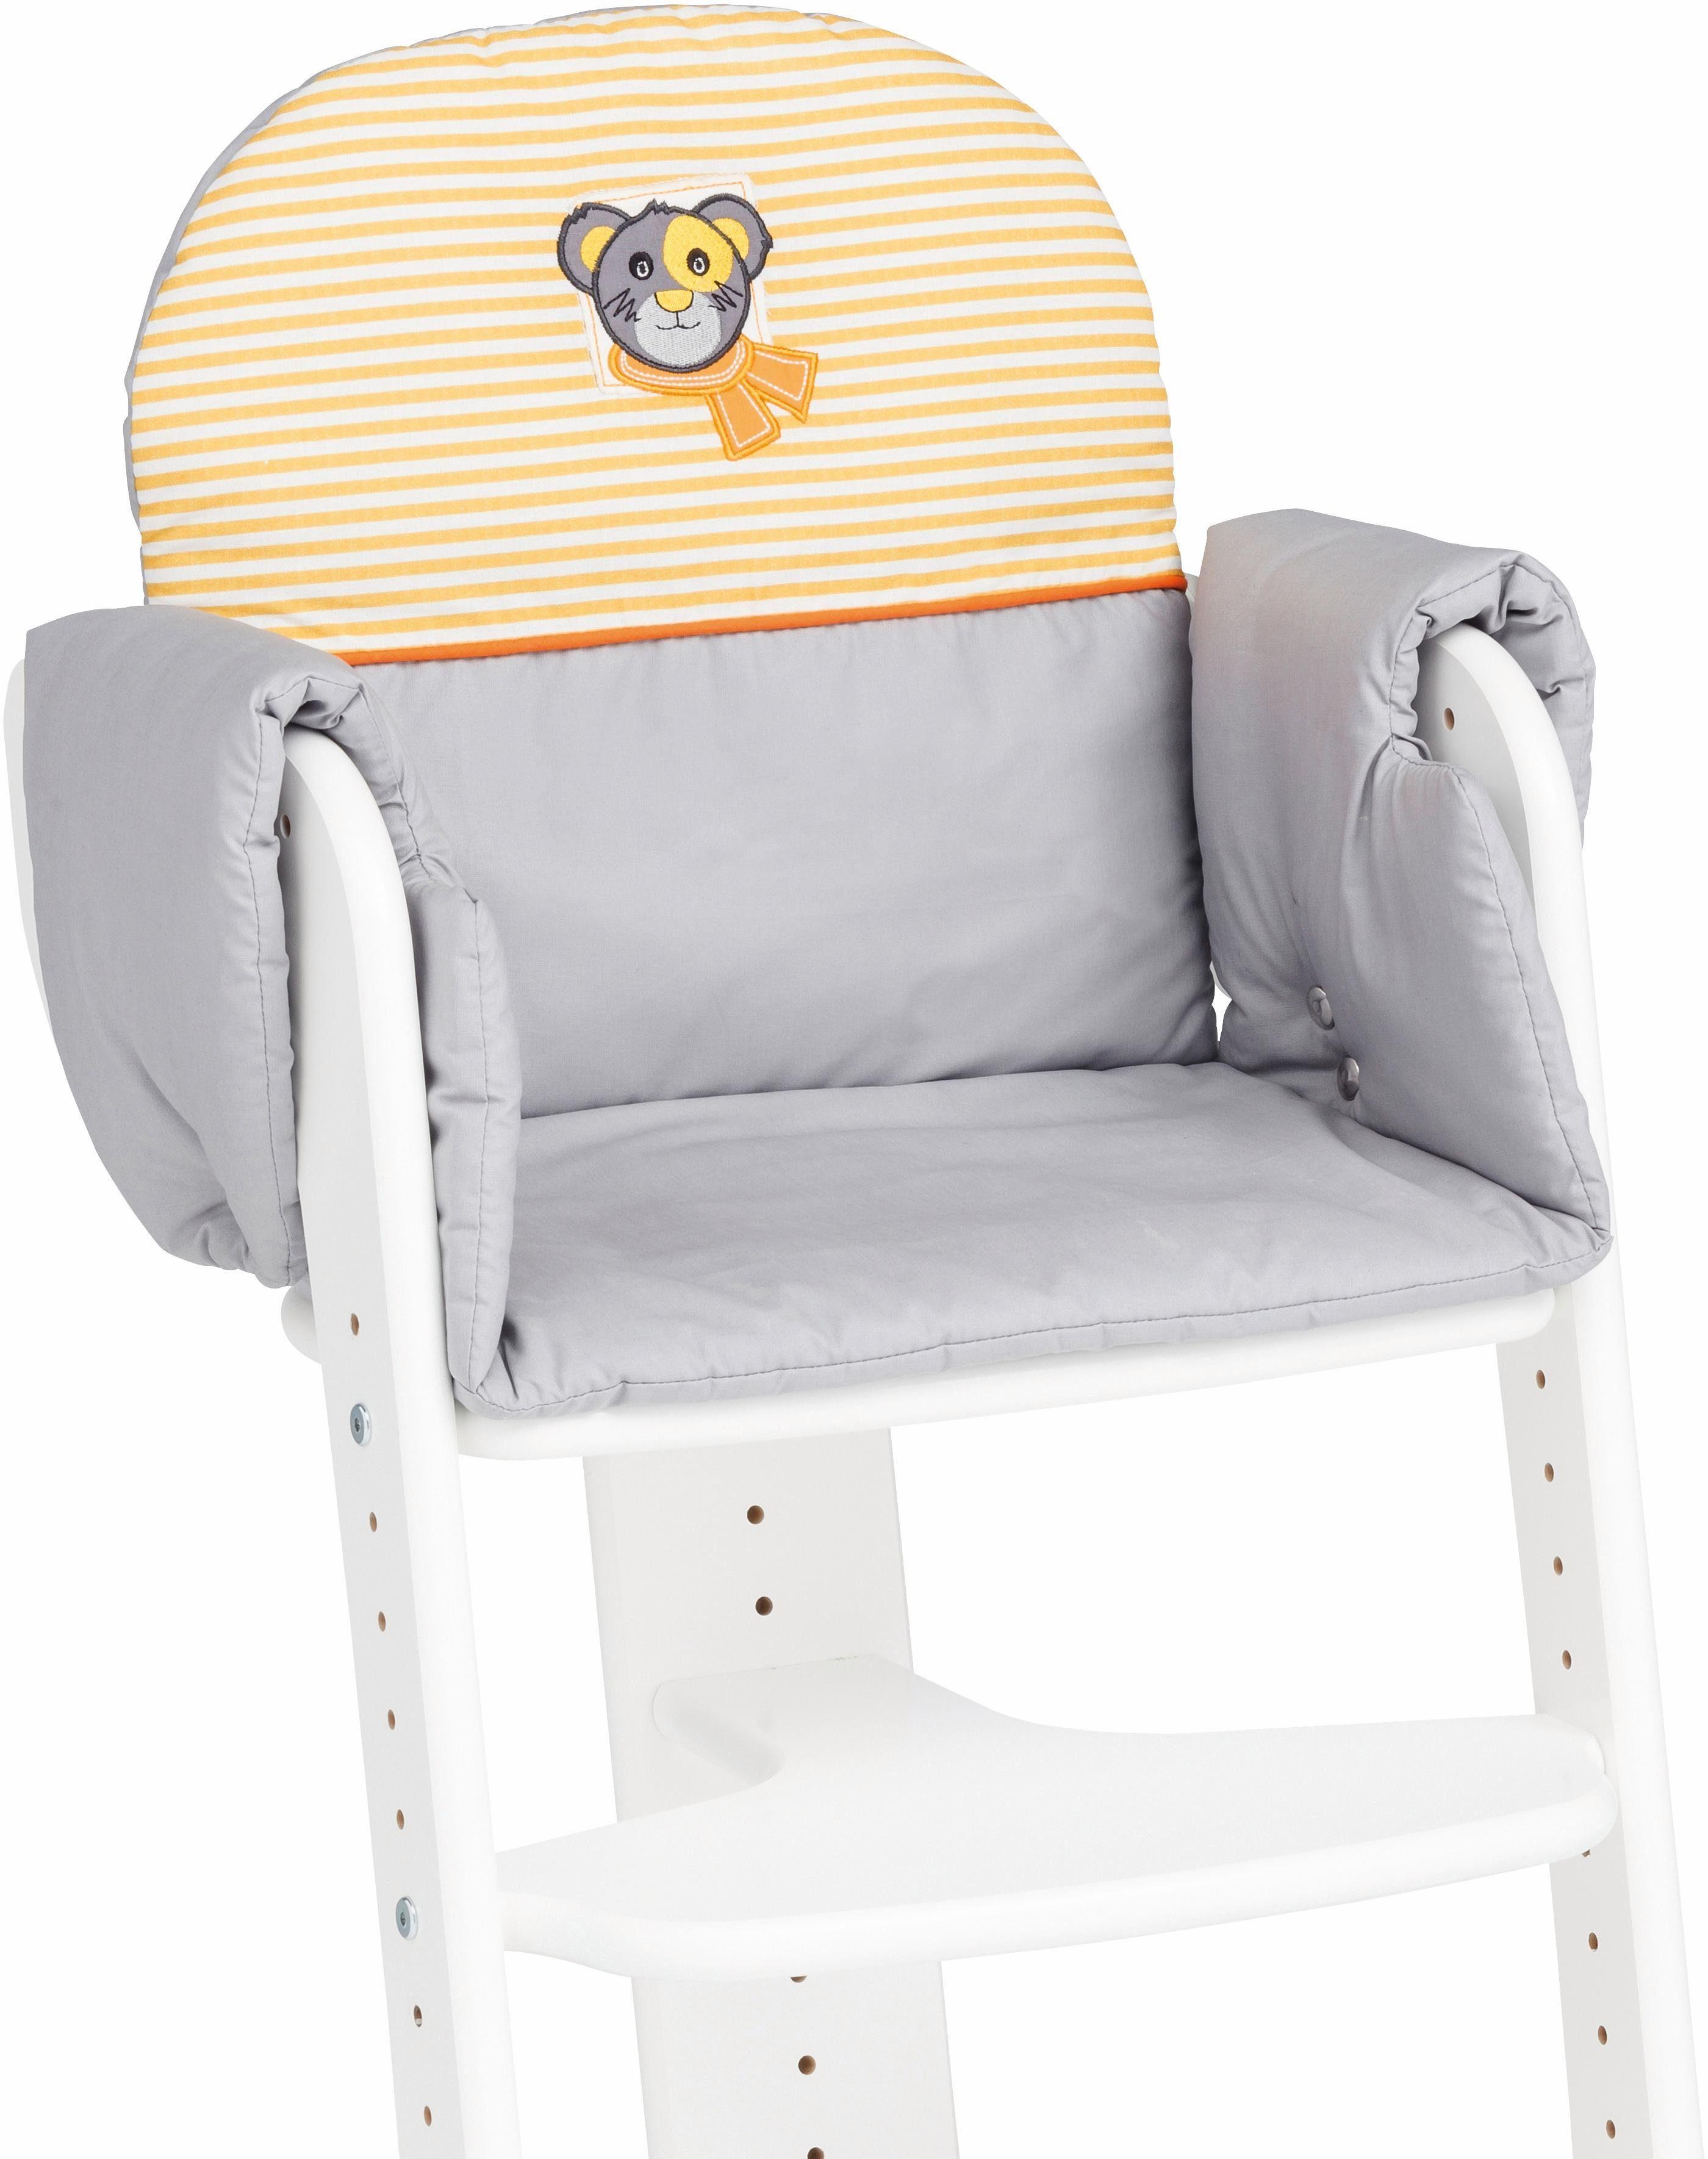 Herlag® Sitzpolster für Hochstuhl Tipp Topp IV, »grau«